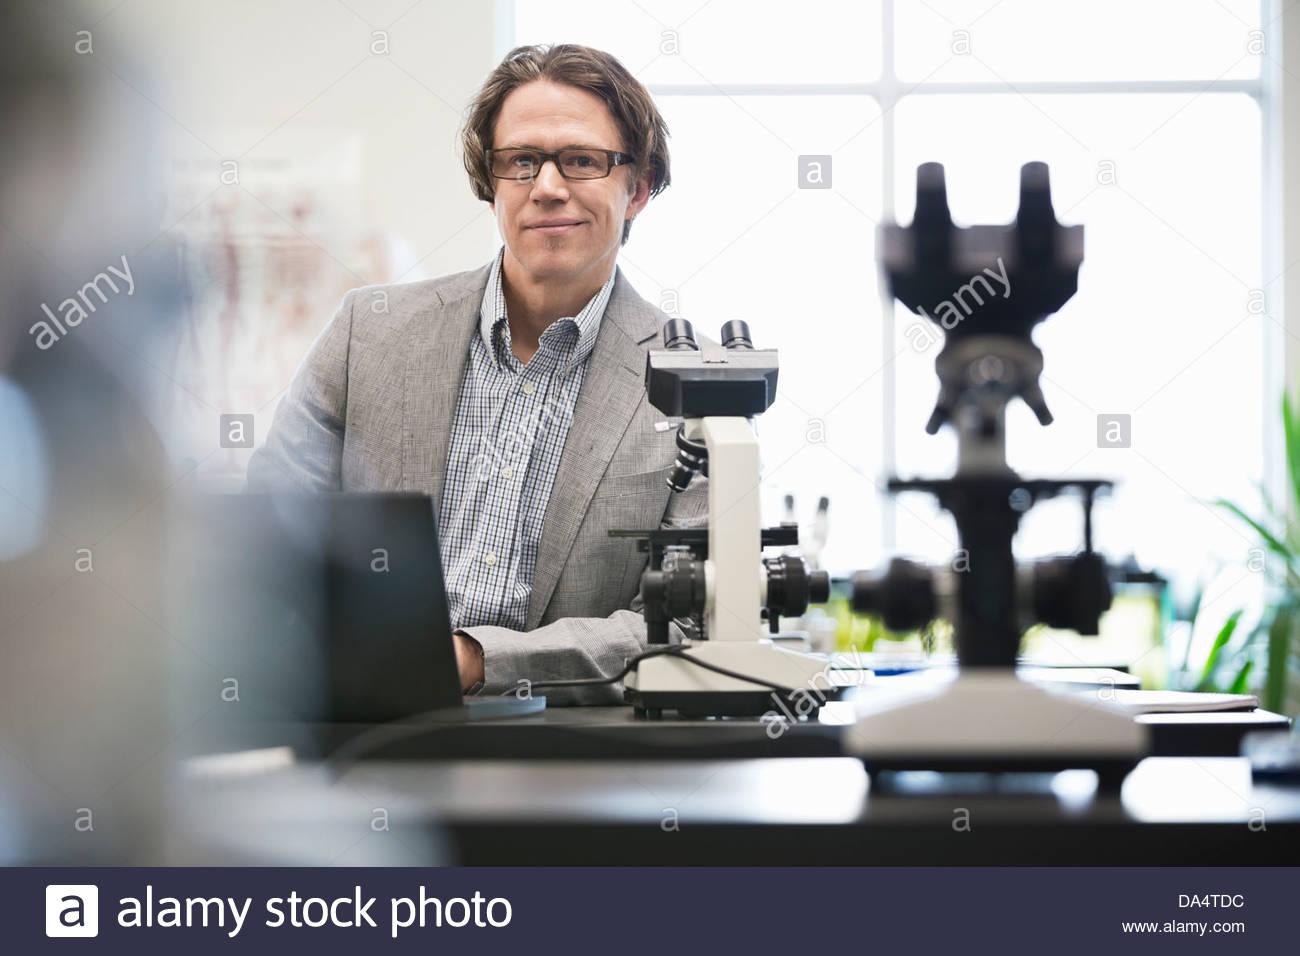 Retrato del profesor universitario masculino en la mesa inclinada en el laboratorio de ciencias Imagen De Stock